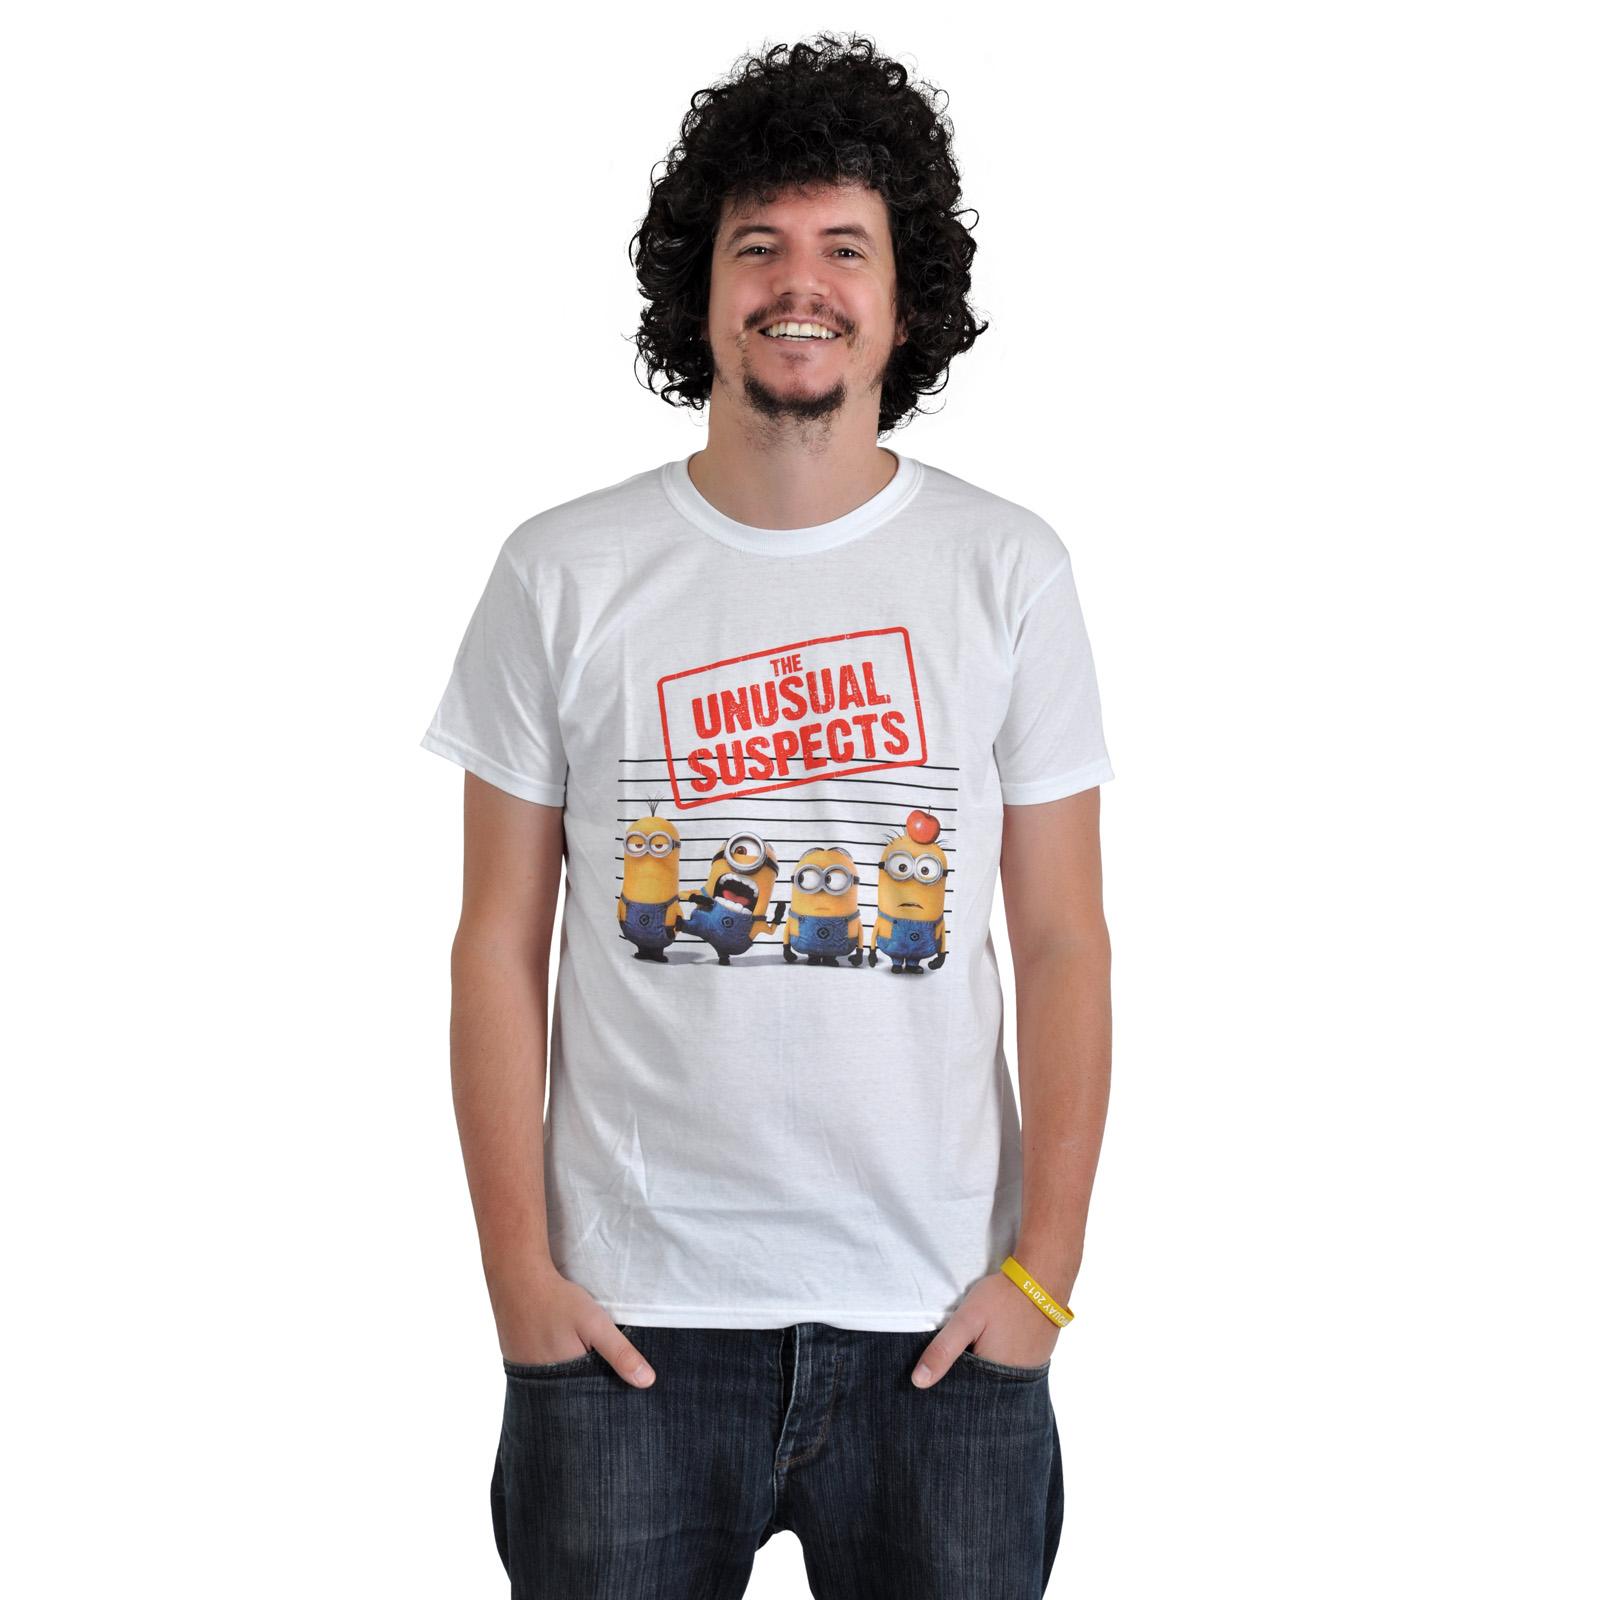 Einfach Unverbesserlich T-Shirt - Die unüblichen Verdächtigen